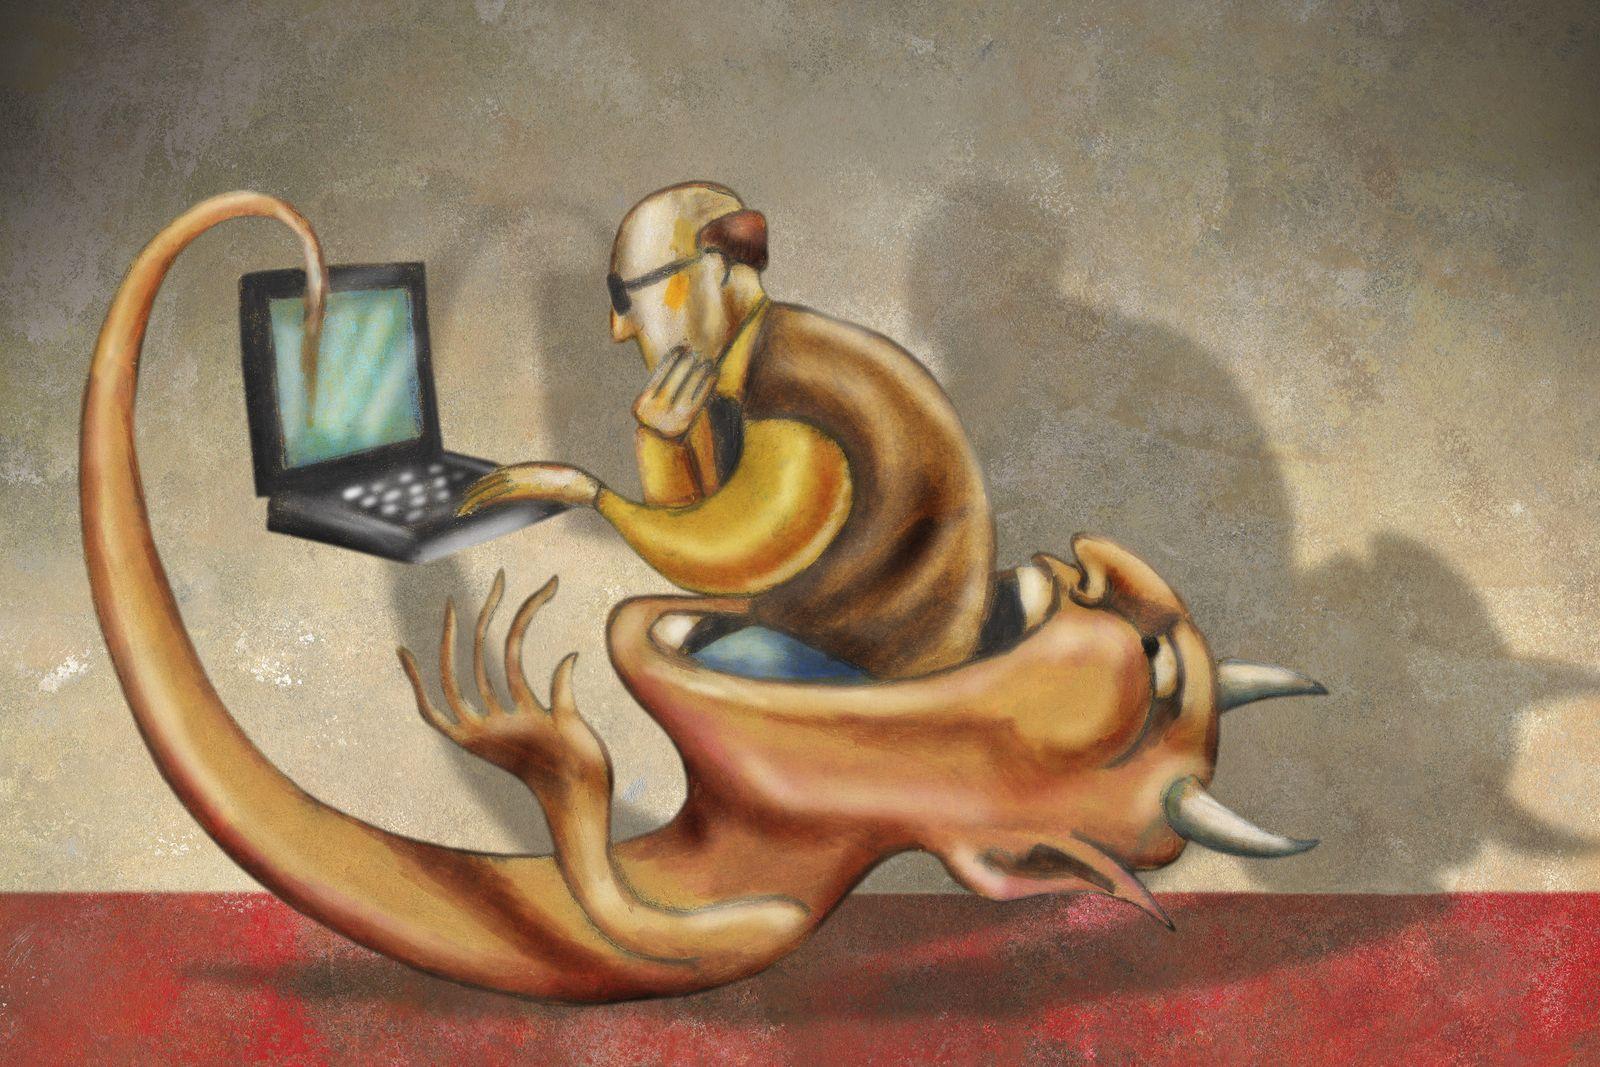 NICHT MEHR VERWENDEN! - Symbolbild / Computer Virus